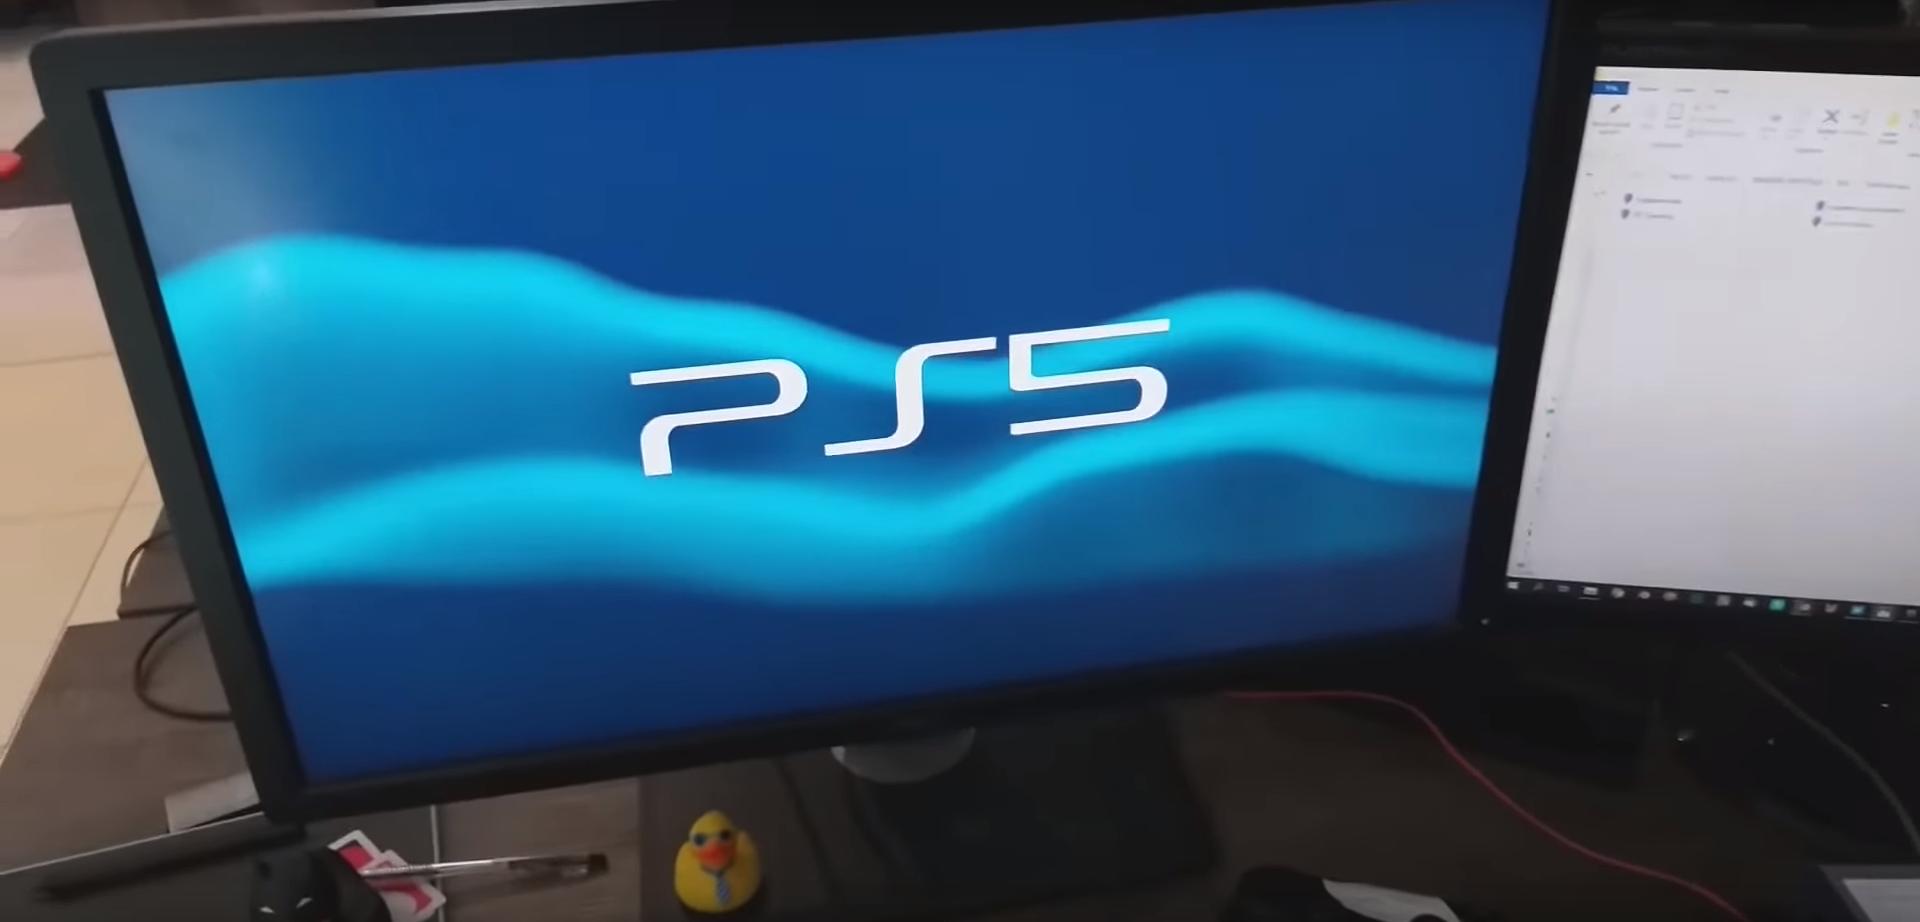 謠傳的PS5開機視頻是如何偽造出來的?